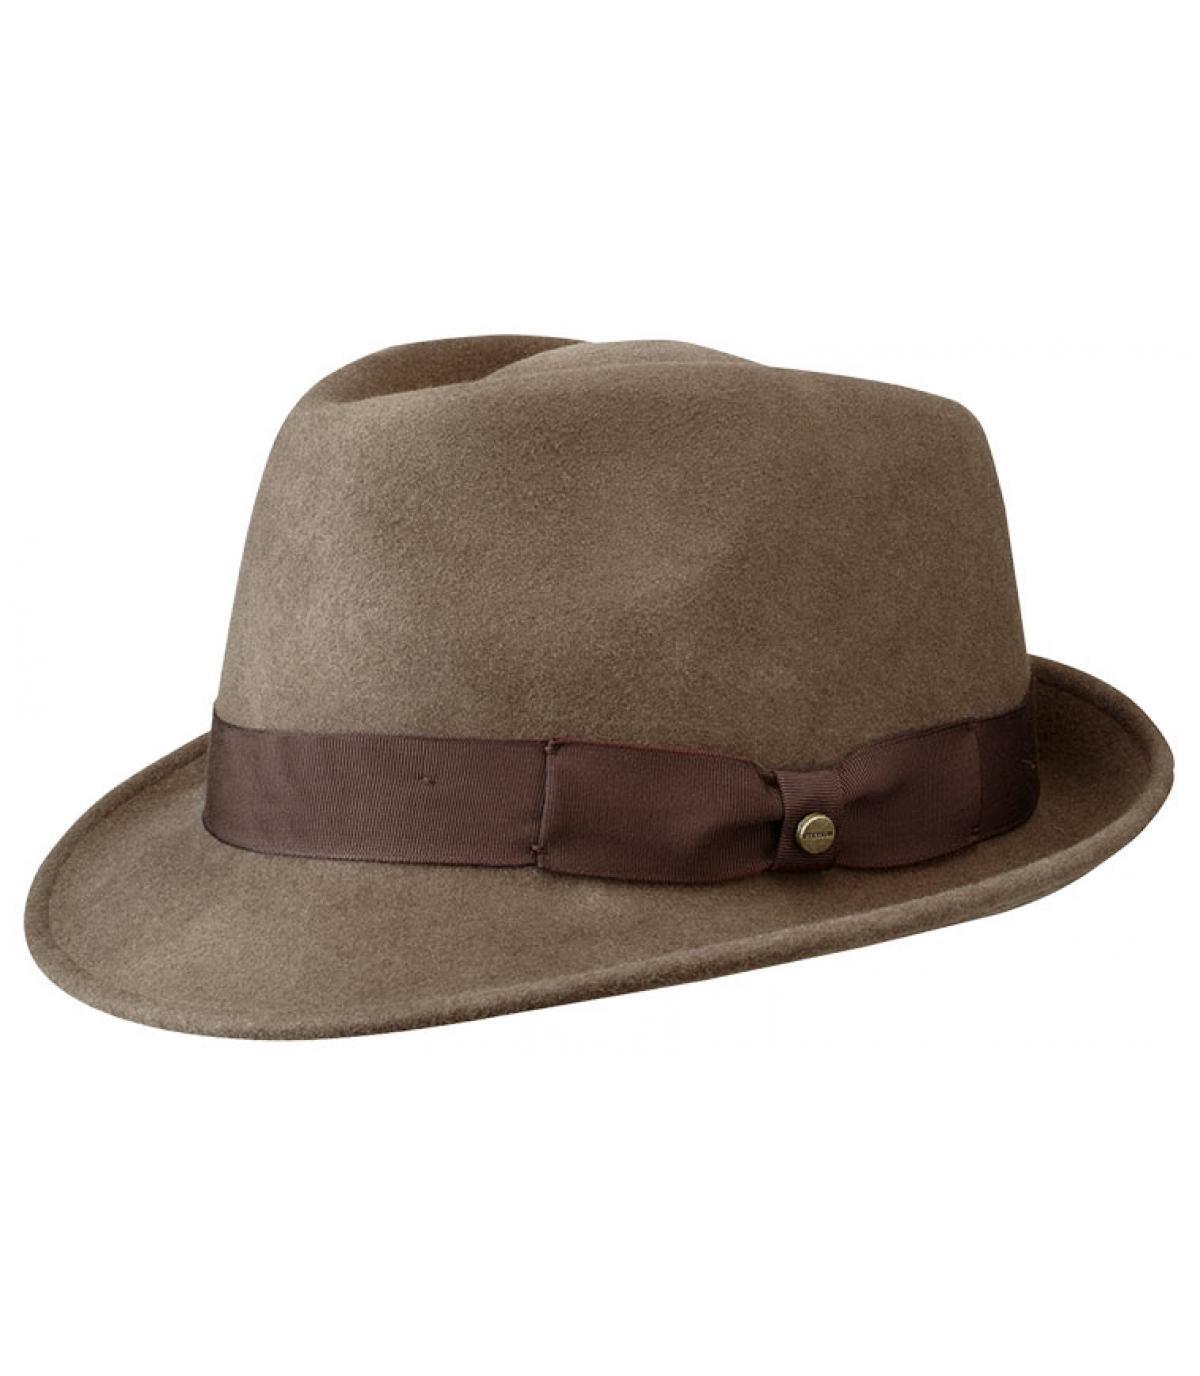 Chapeau homme Stetson marron